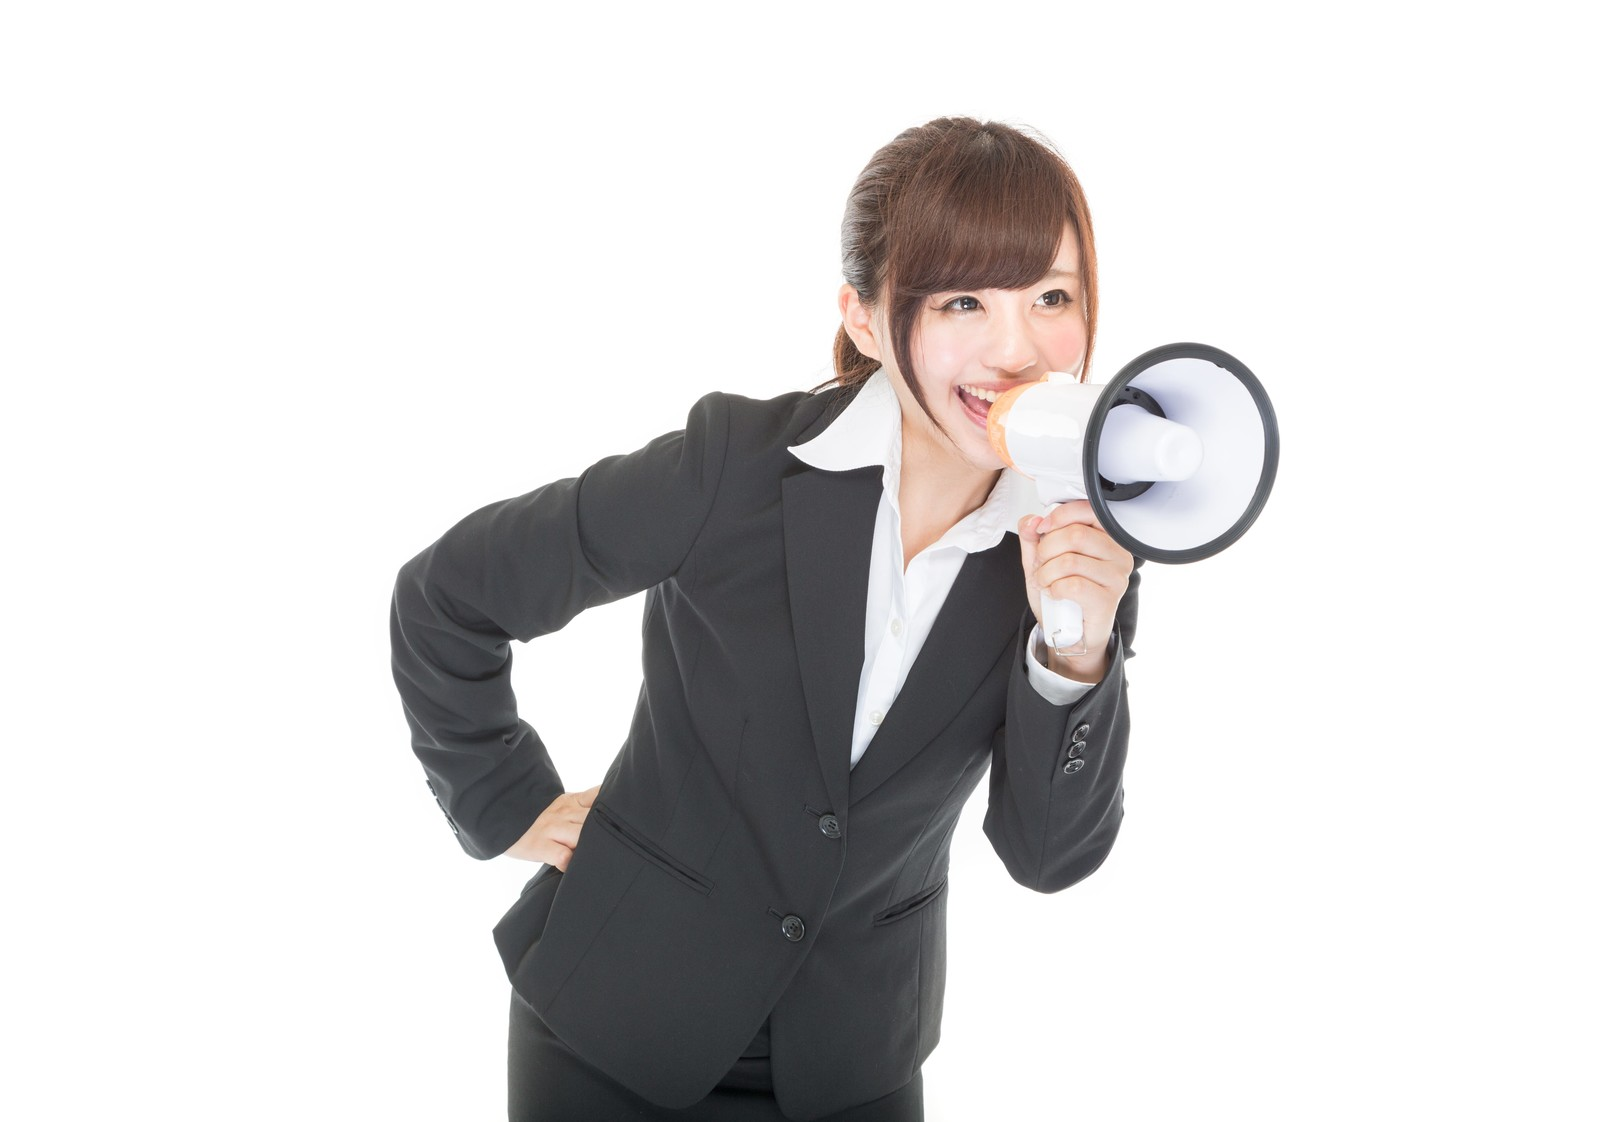 まとめ:会社の一員として見られていることを意識すれば大抵のビジネスマナーは身に着くはず